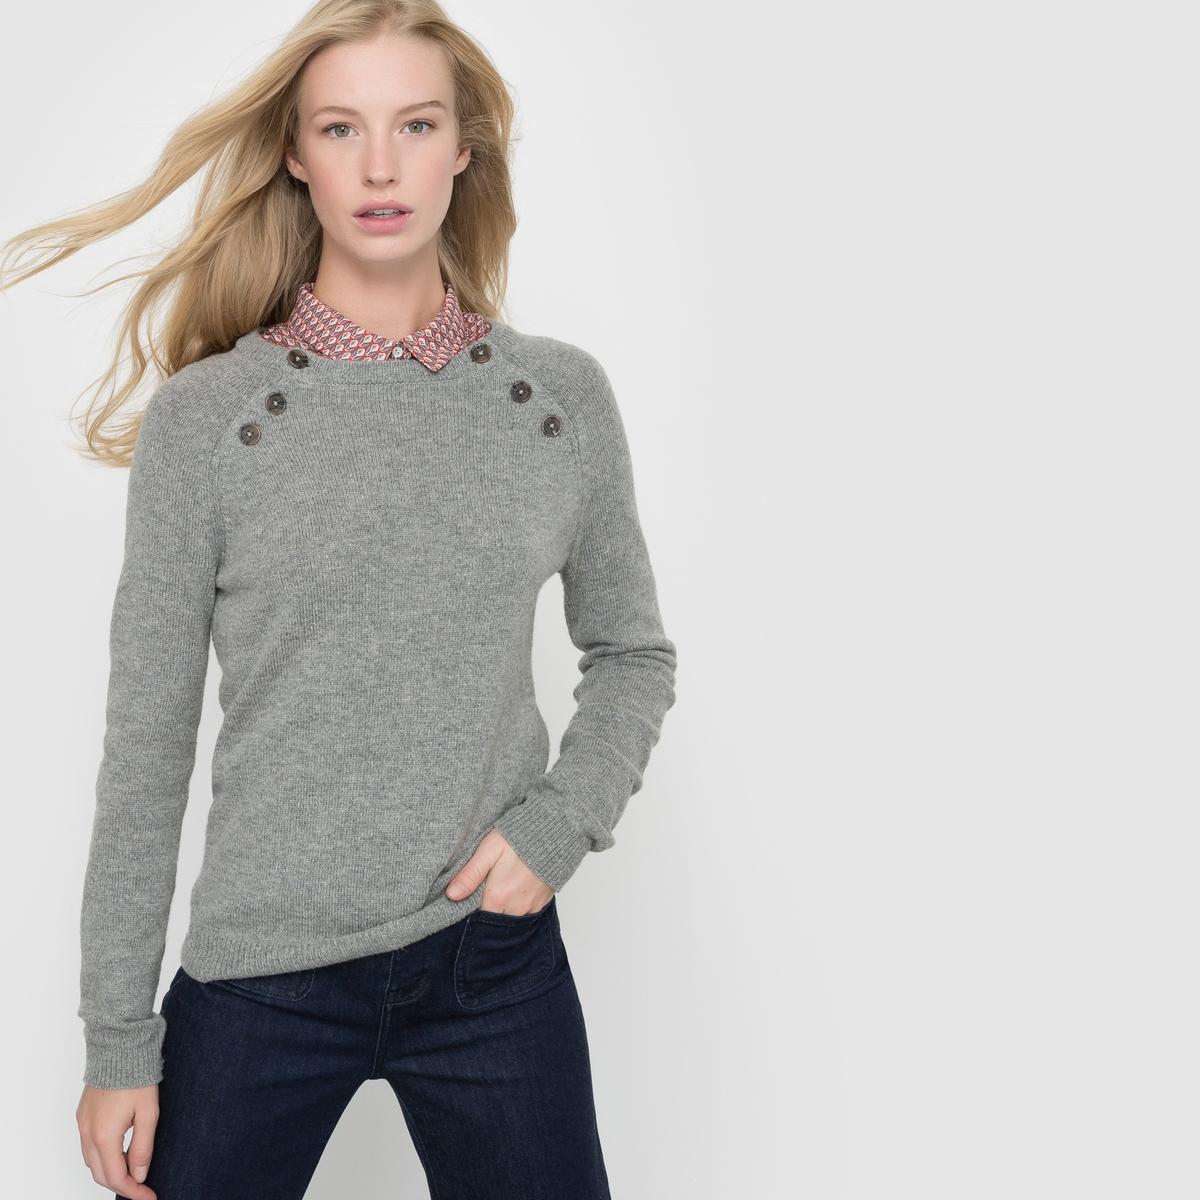 Пуловер с пуговицами на проймах, 50% шерсти